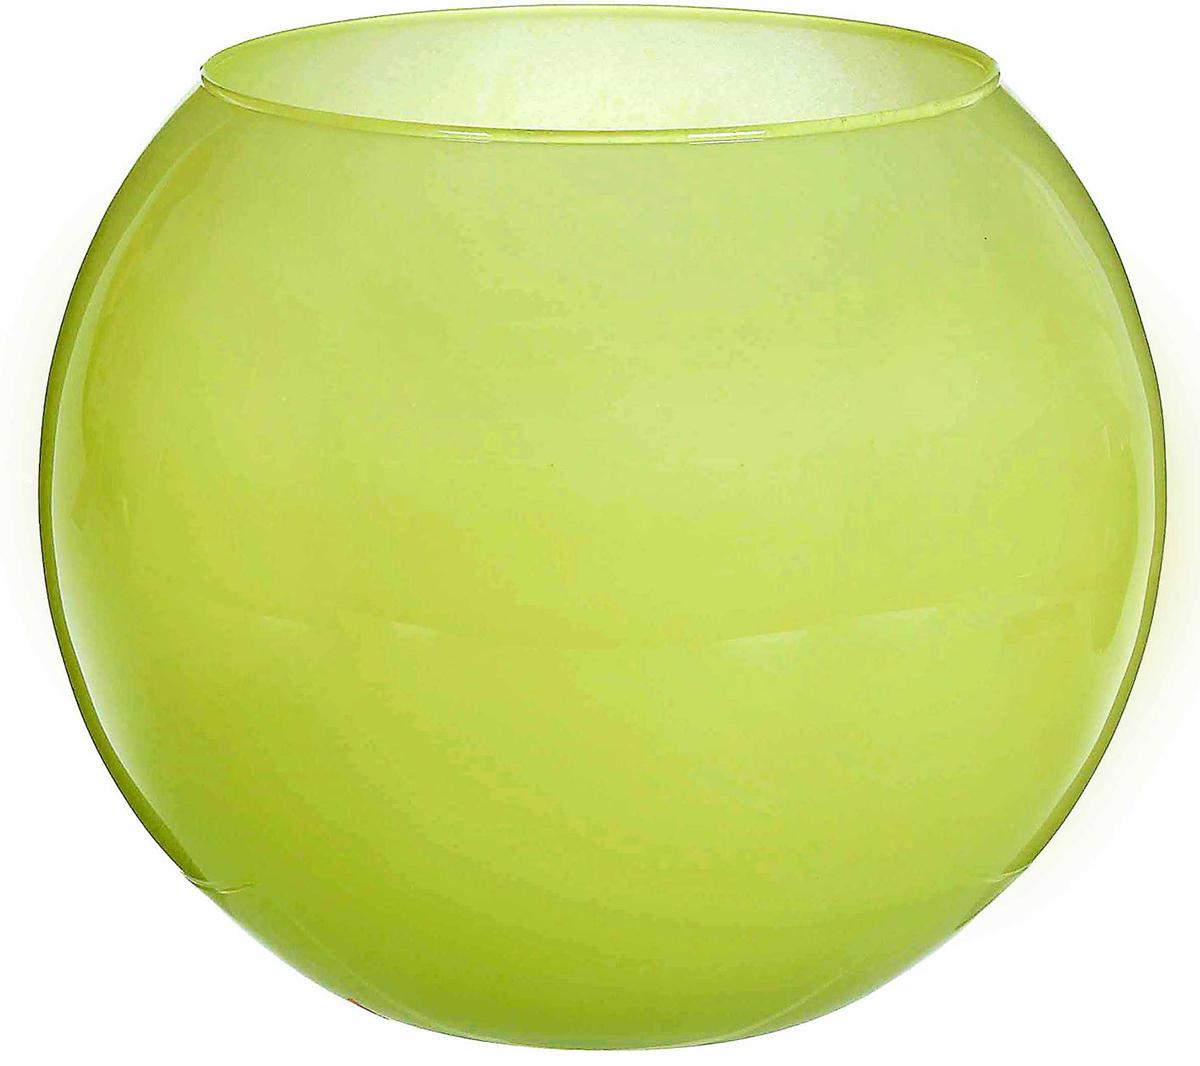 Ваза-шар Evis Дильбар, цвет: зеленый, 4 л ваза шар evis сиреневый мираж цвет сиреневый 3 л